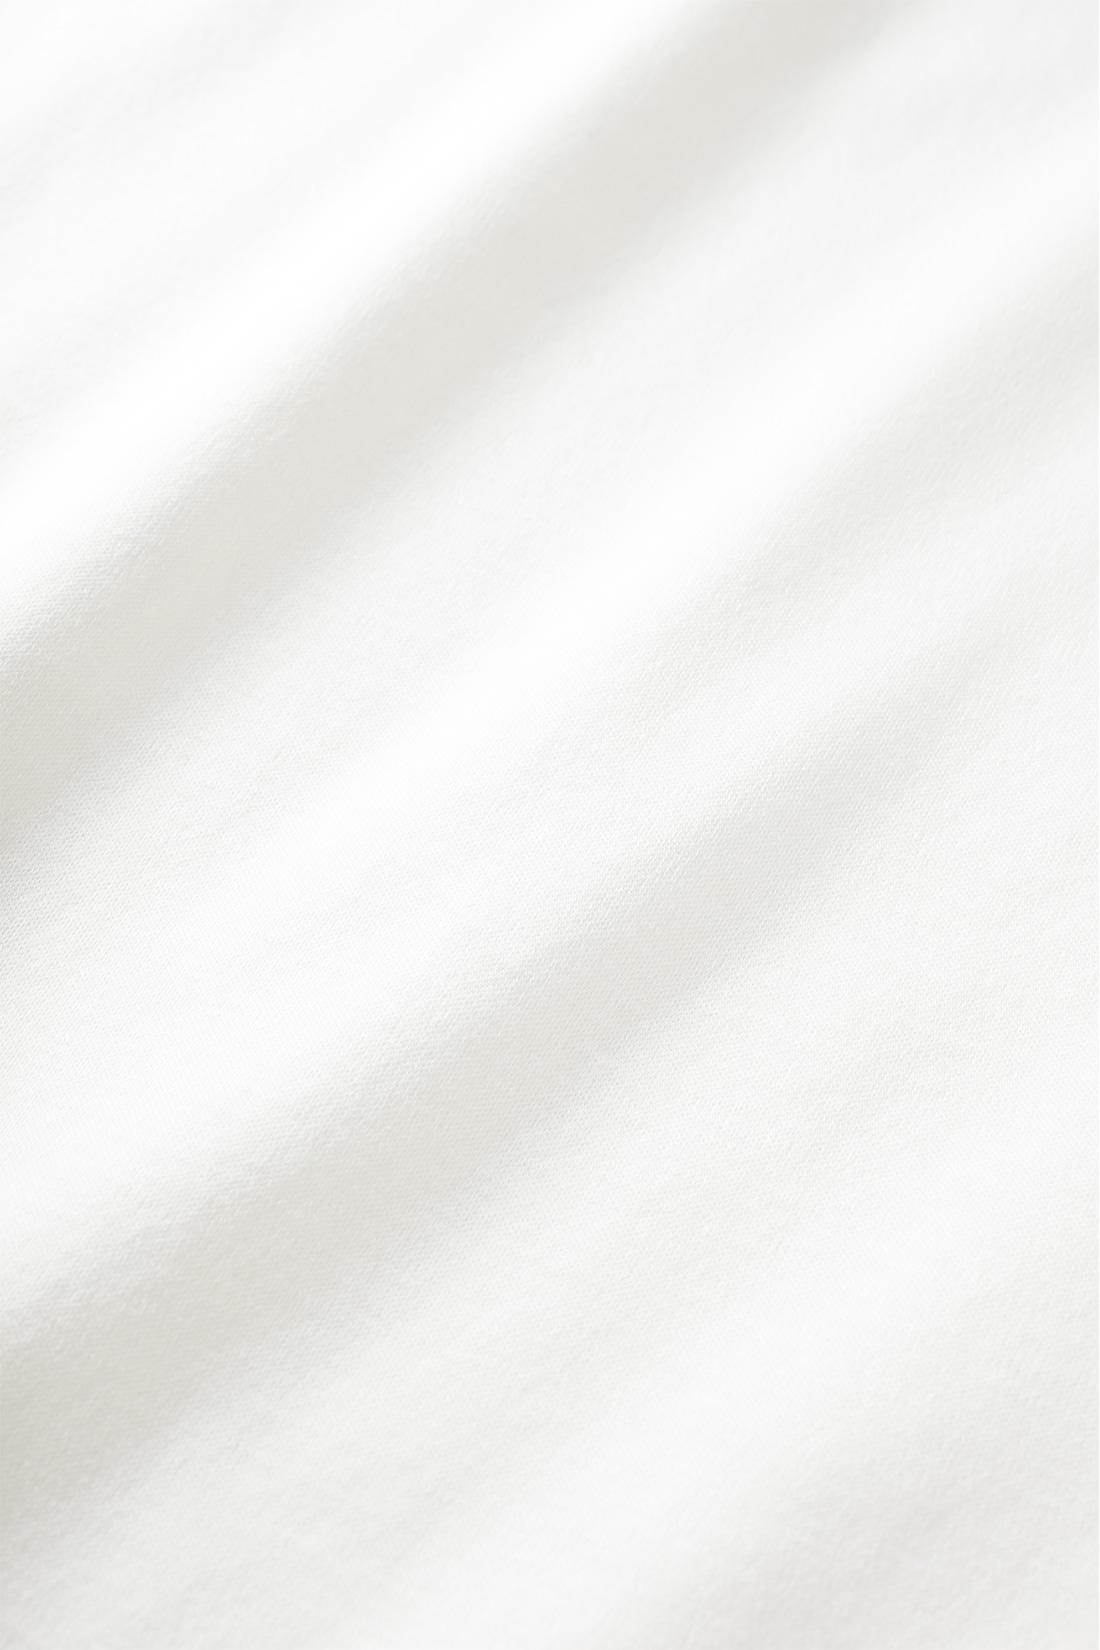 スムースカットソー素材を用いました。表面の毛羽をおさえることで、滑らかな肌ざわりで着心地よく、しなやかな素材感は見た目にも高級感があります。